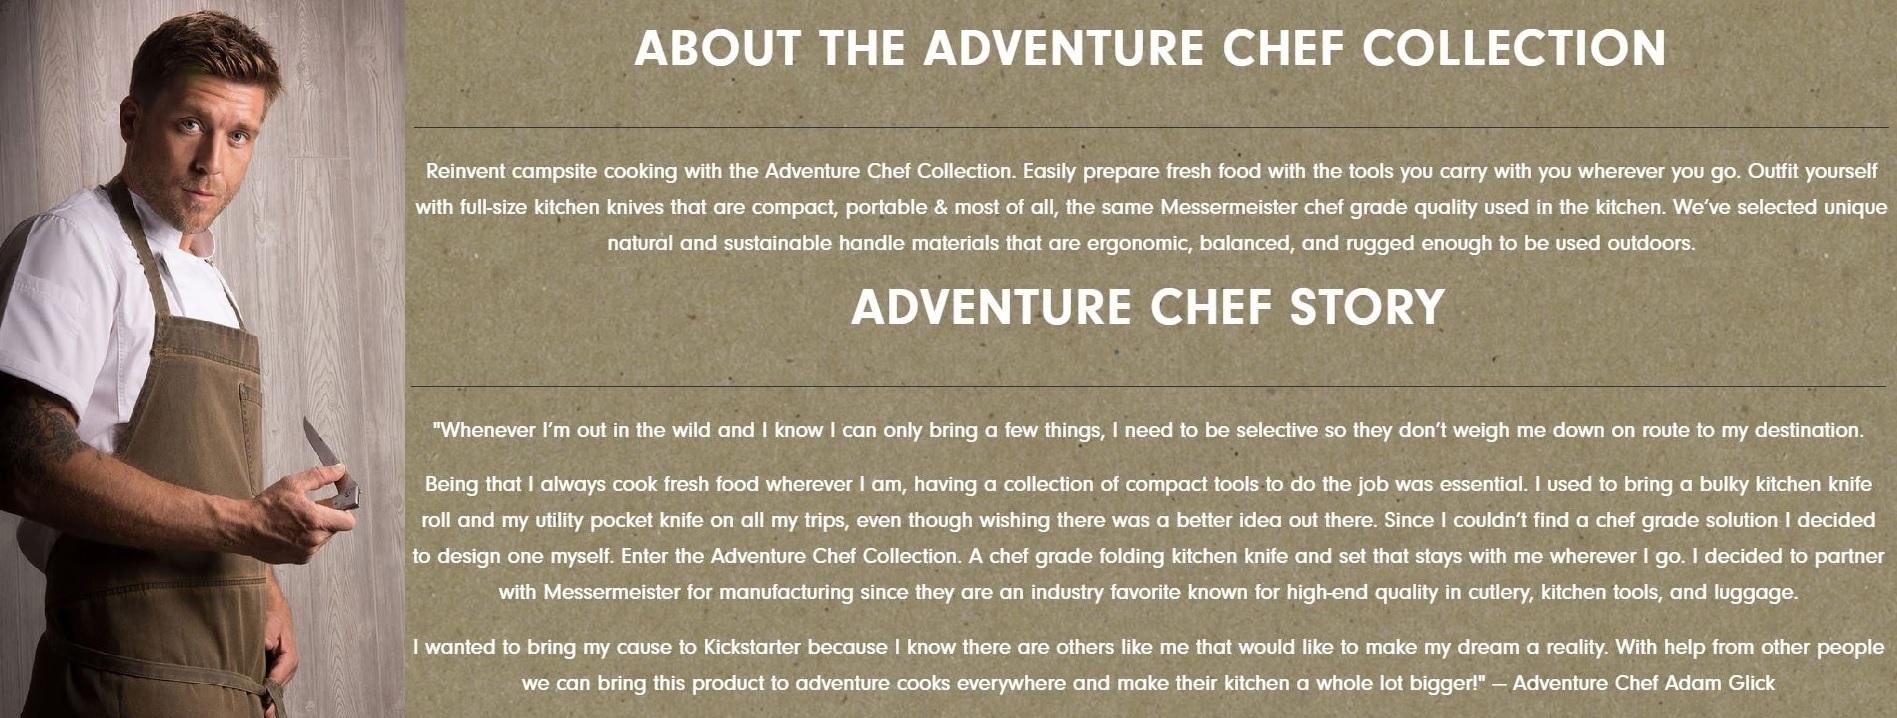 adventure-chef-banner.jpg